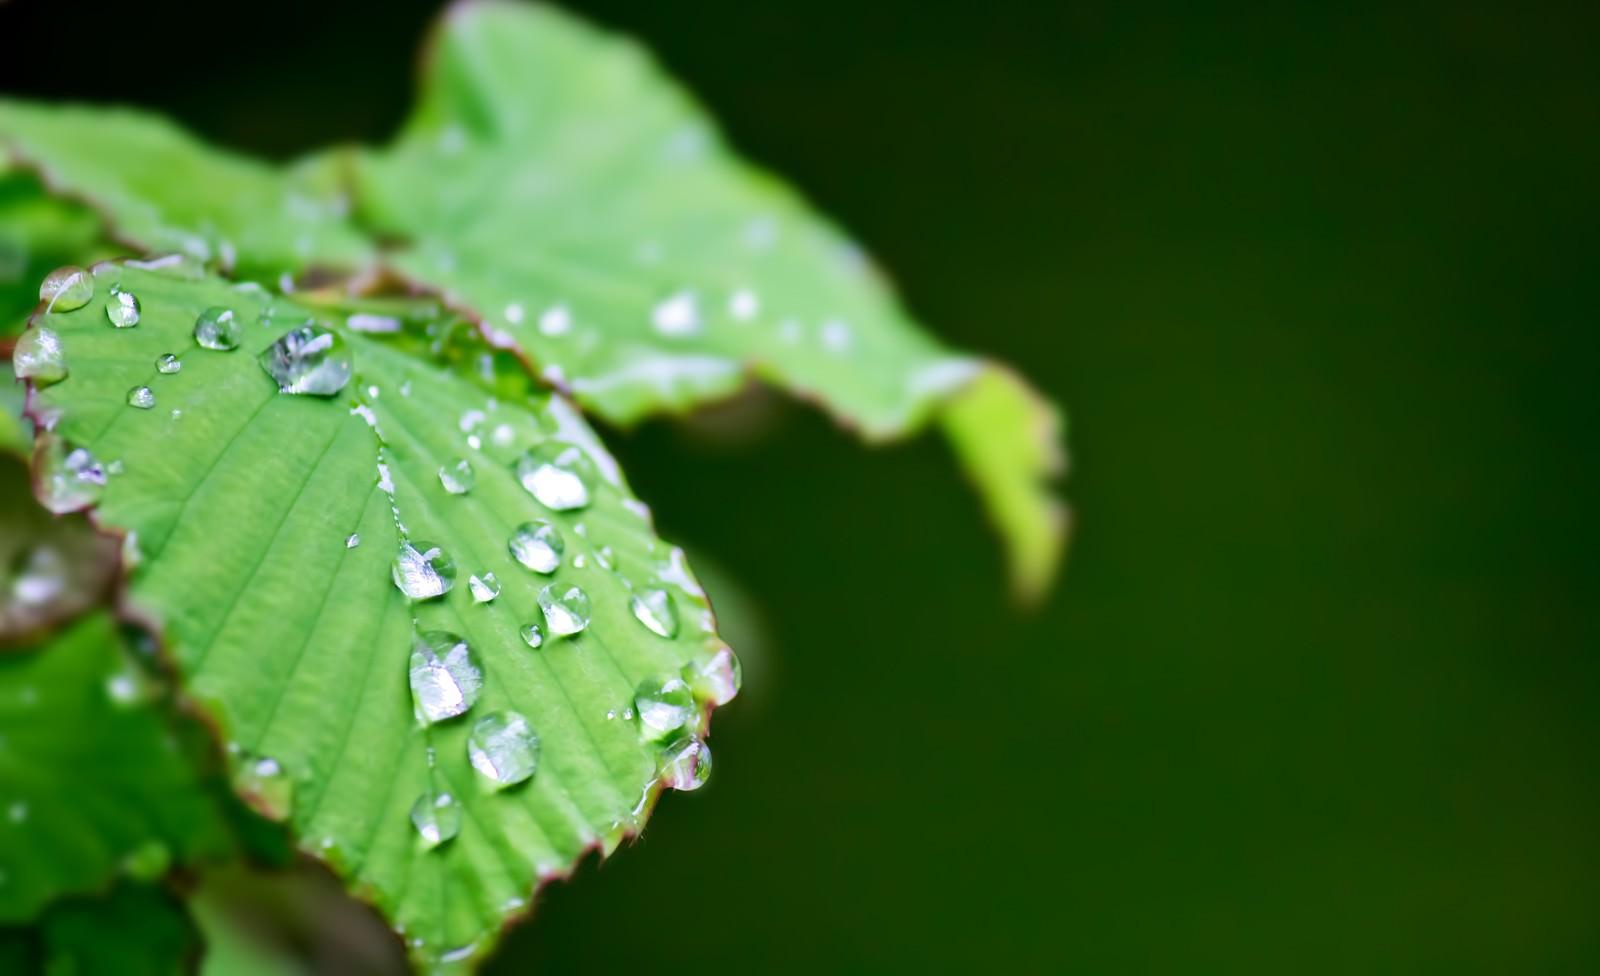 「水滴の光る葉」の写真